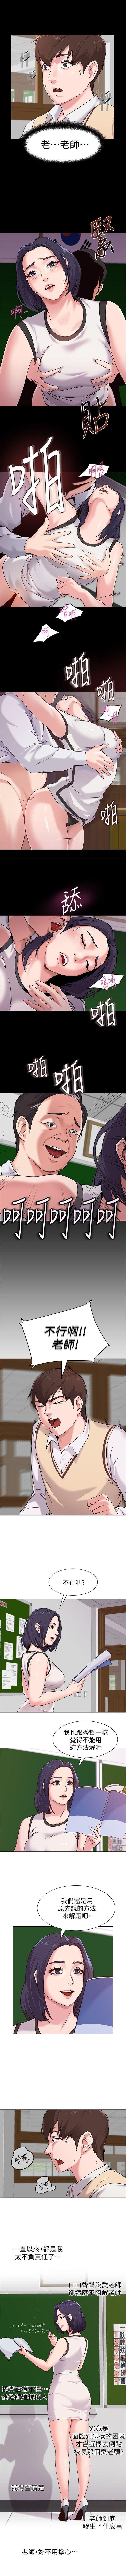 老師 1-80 官方中文(連載中) 23